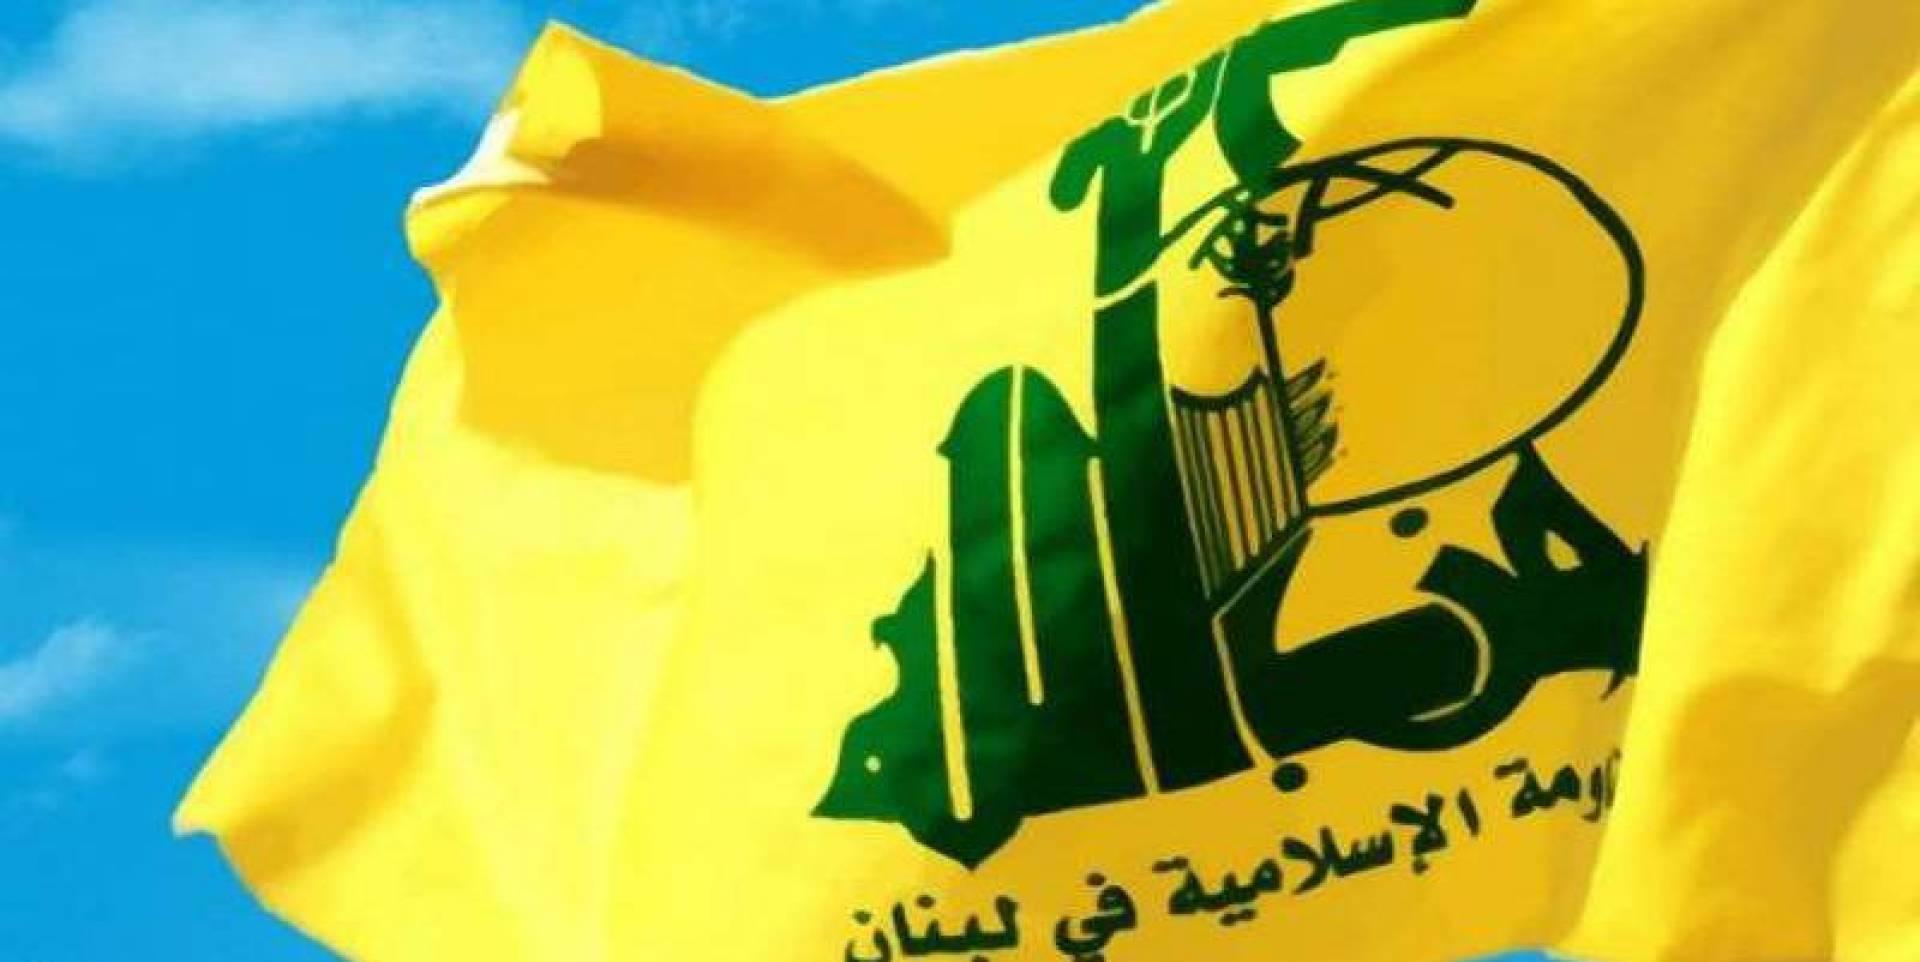 لبنان: تفعيل حكومة «حزب الله» لمواجهة الخارج والداخل